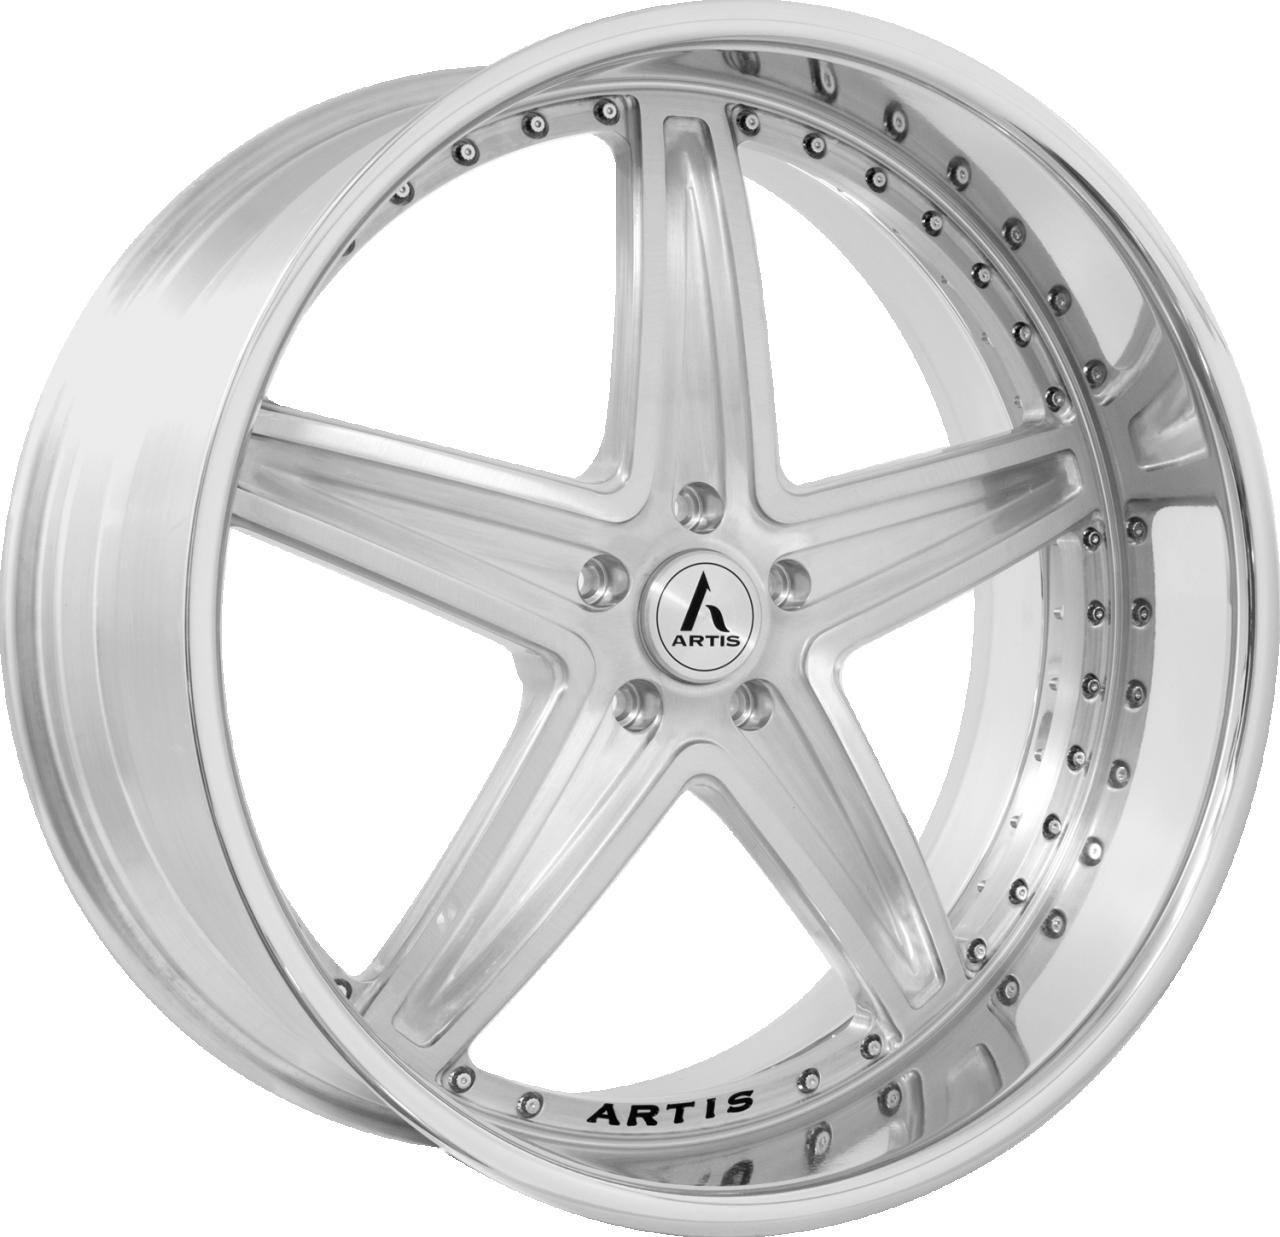 Artis Forged Bayou-M wheel with Brushed finish